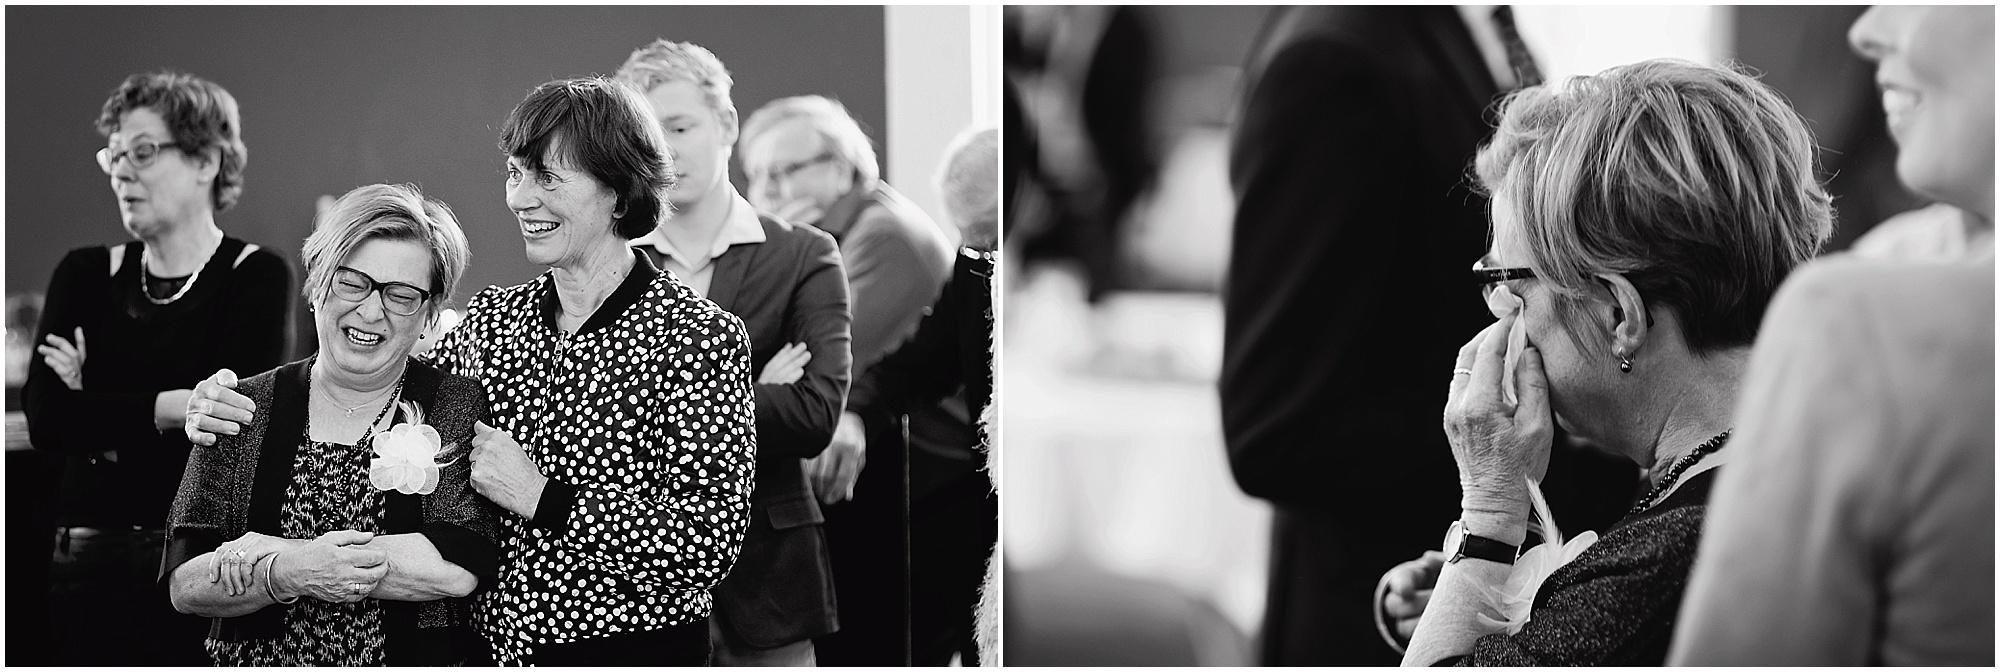 trouwfotograaf maastricht, trouwfotograaf limburg, bruidsfotograaf maastricht, bruidsfotograaf limburg, trouwen bonnefantenmuseum, bruiloft bonnefantenmuseum, trouwen ipanema, bruiloft ipanema, cafe ipanema maastricht, ipanema maastricht, bonnefanten maastricht, fotograaf limburg, fotograaf maastricht, trouwen stadhuis maastricht, trouwen maastricht, bruiloft maastricht